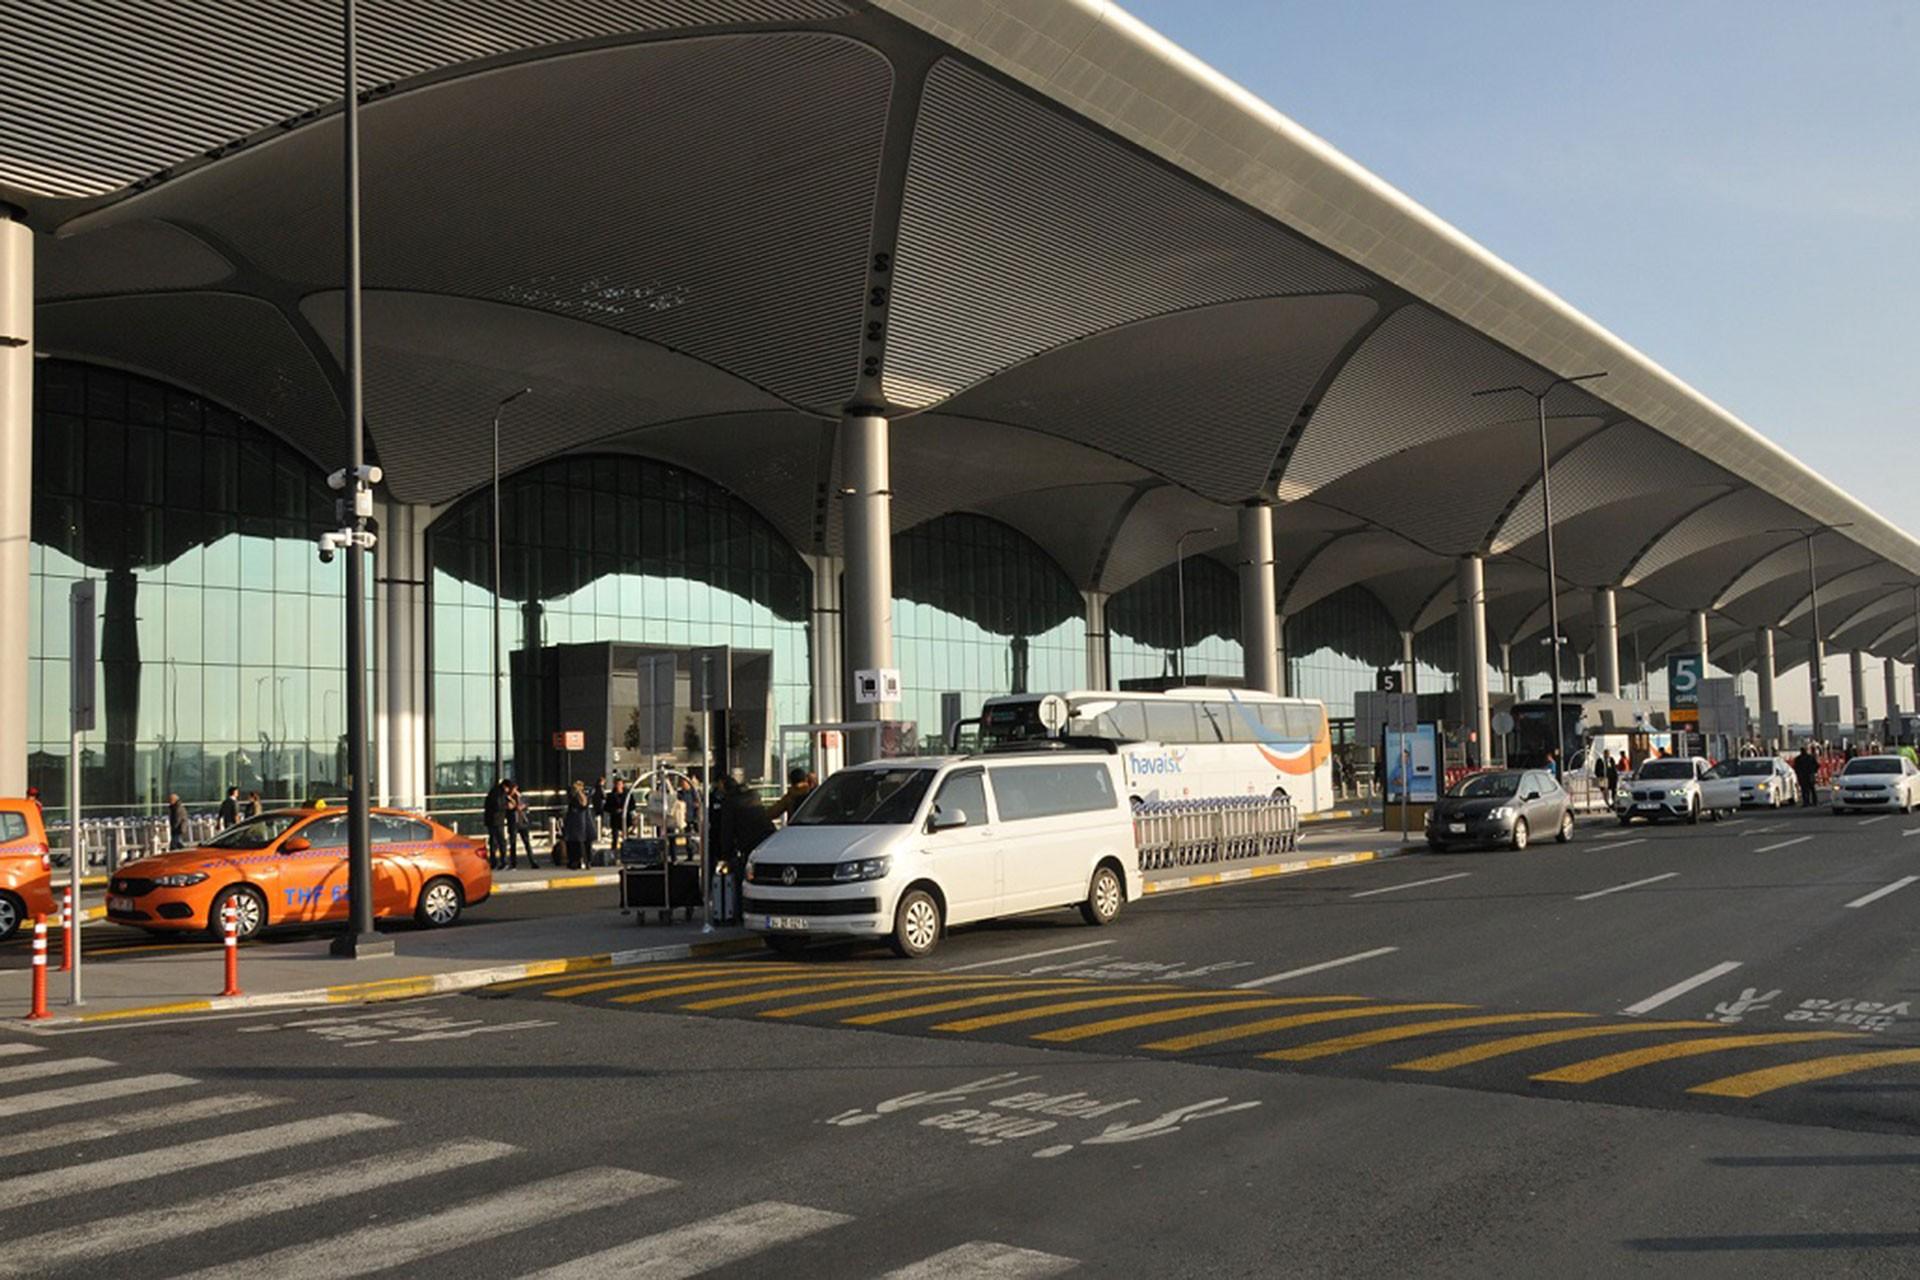 istanbul havalimanı giriş ve çıkışlarında araç kuyrukları oluşuyor